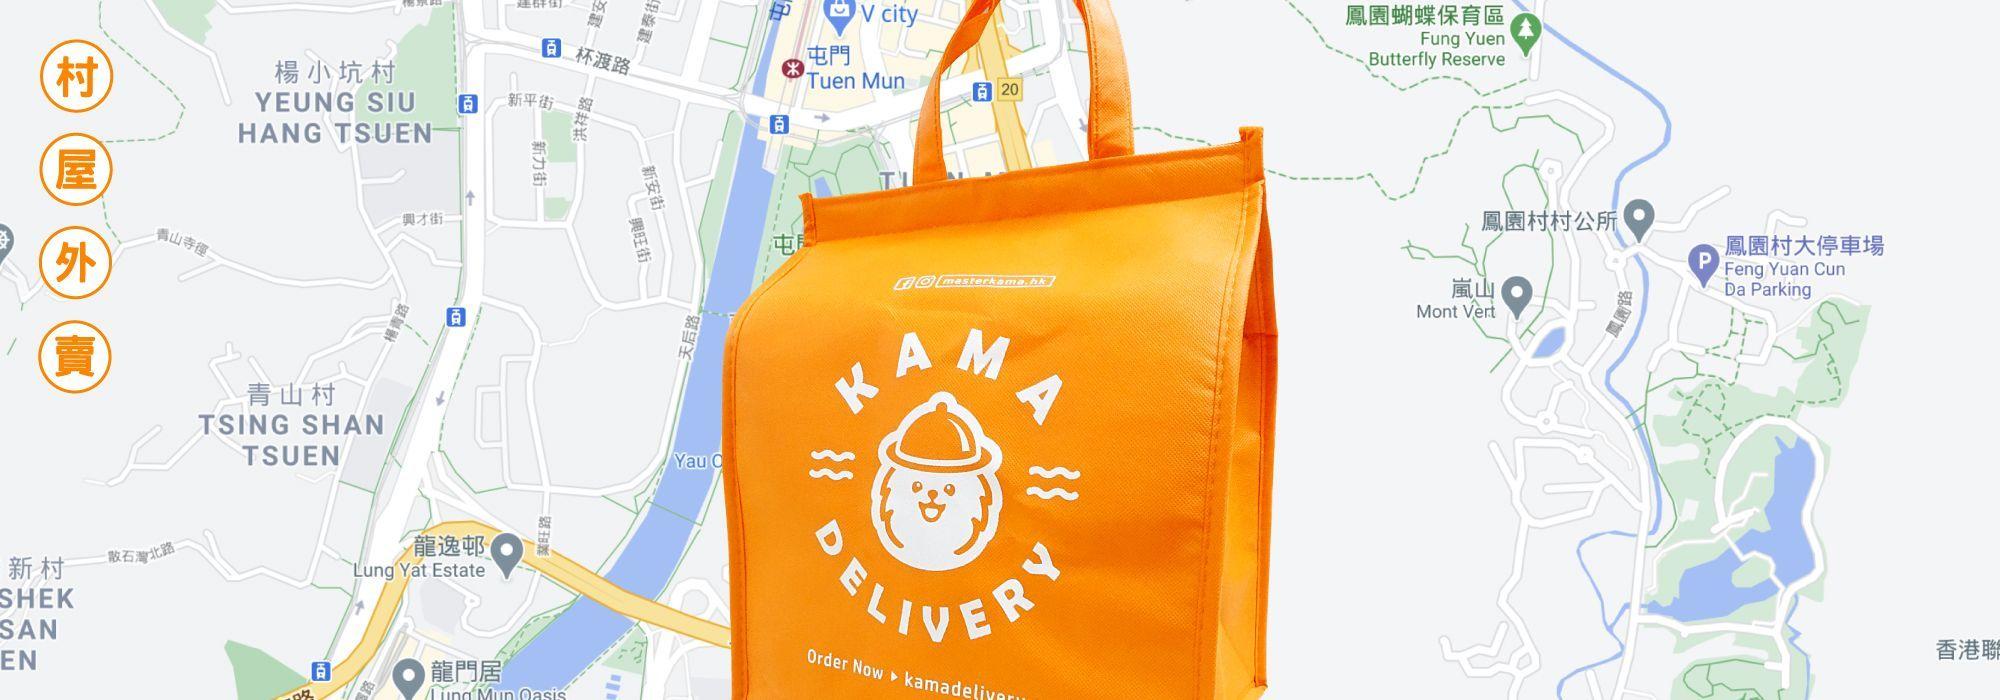 【村屋外賣推介】從此叫外賣冇煩惱 – 內含村屋專屬優惠碼|Kama Delivery Catering村屋到會外賣餐飲服務